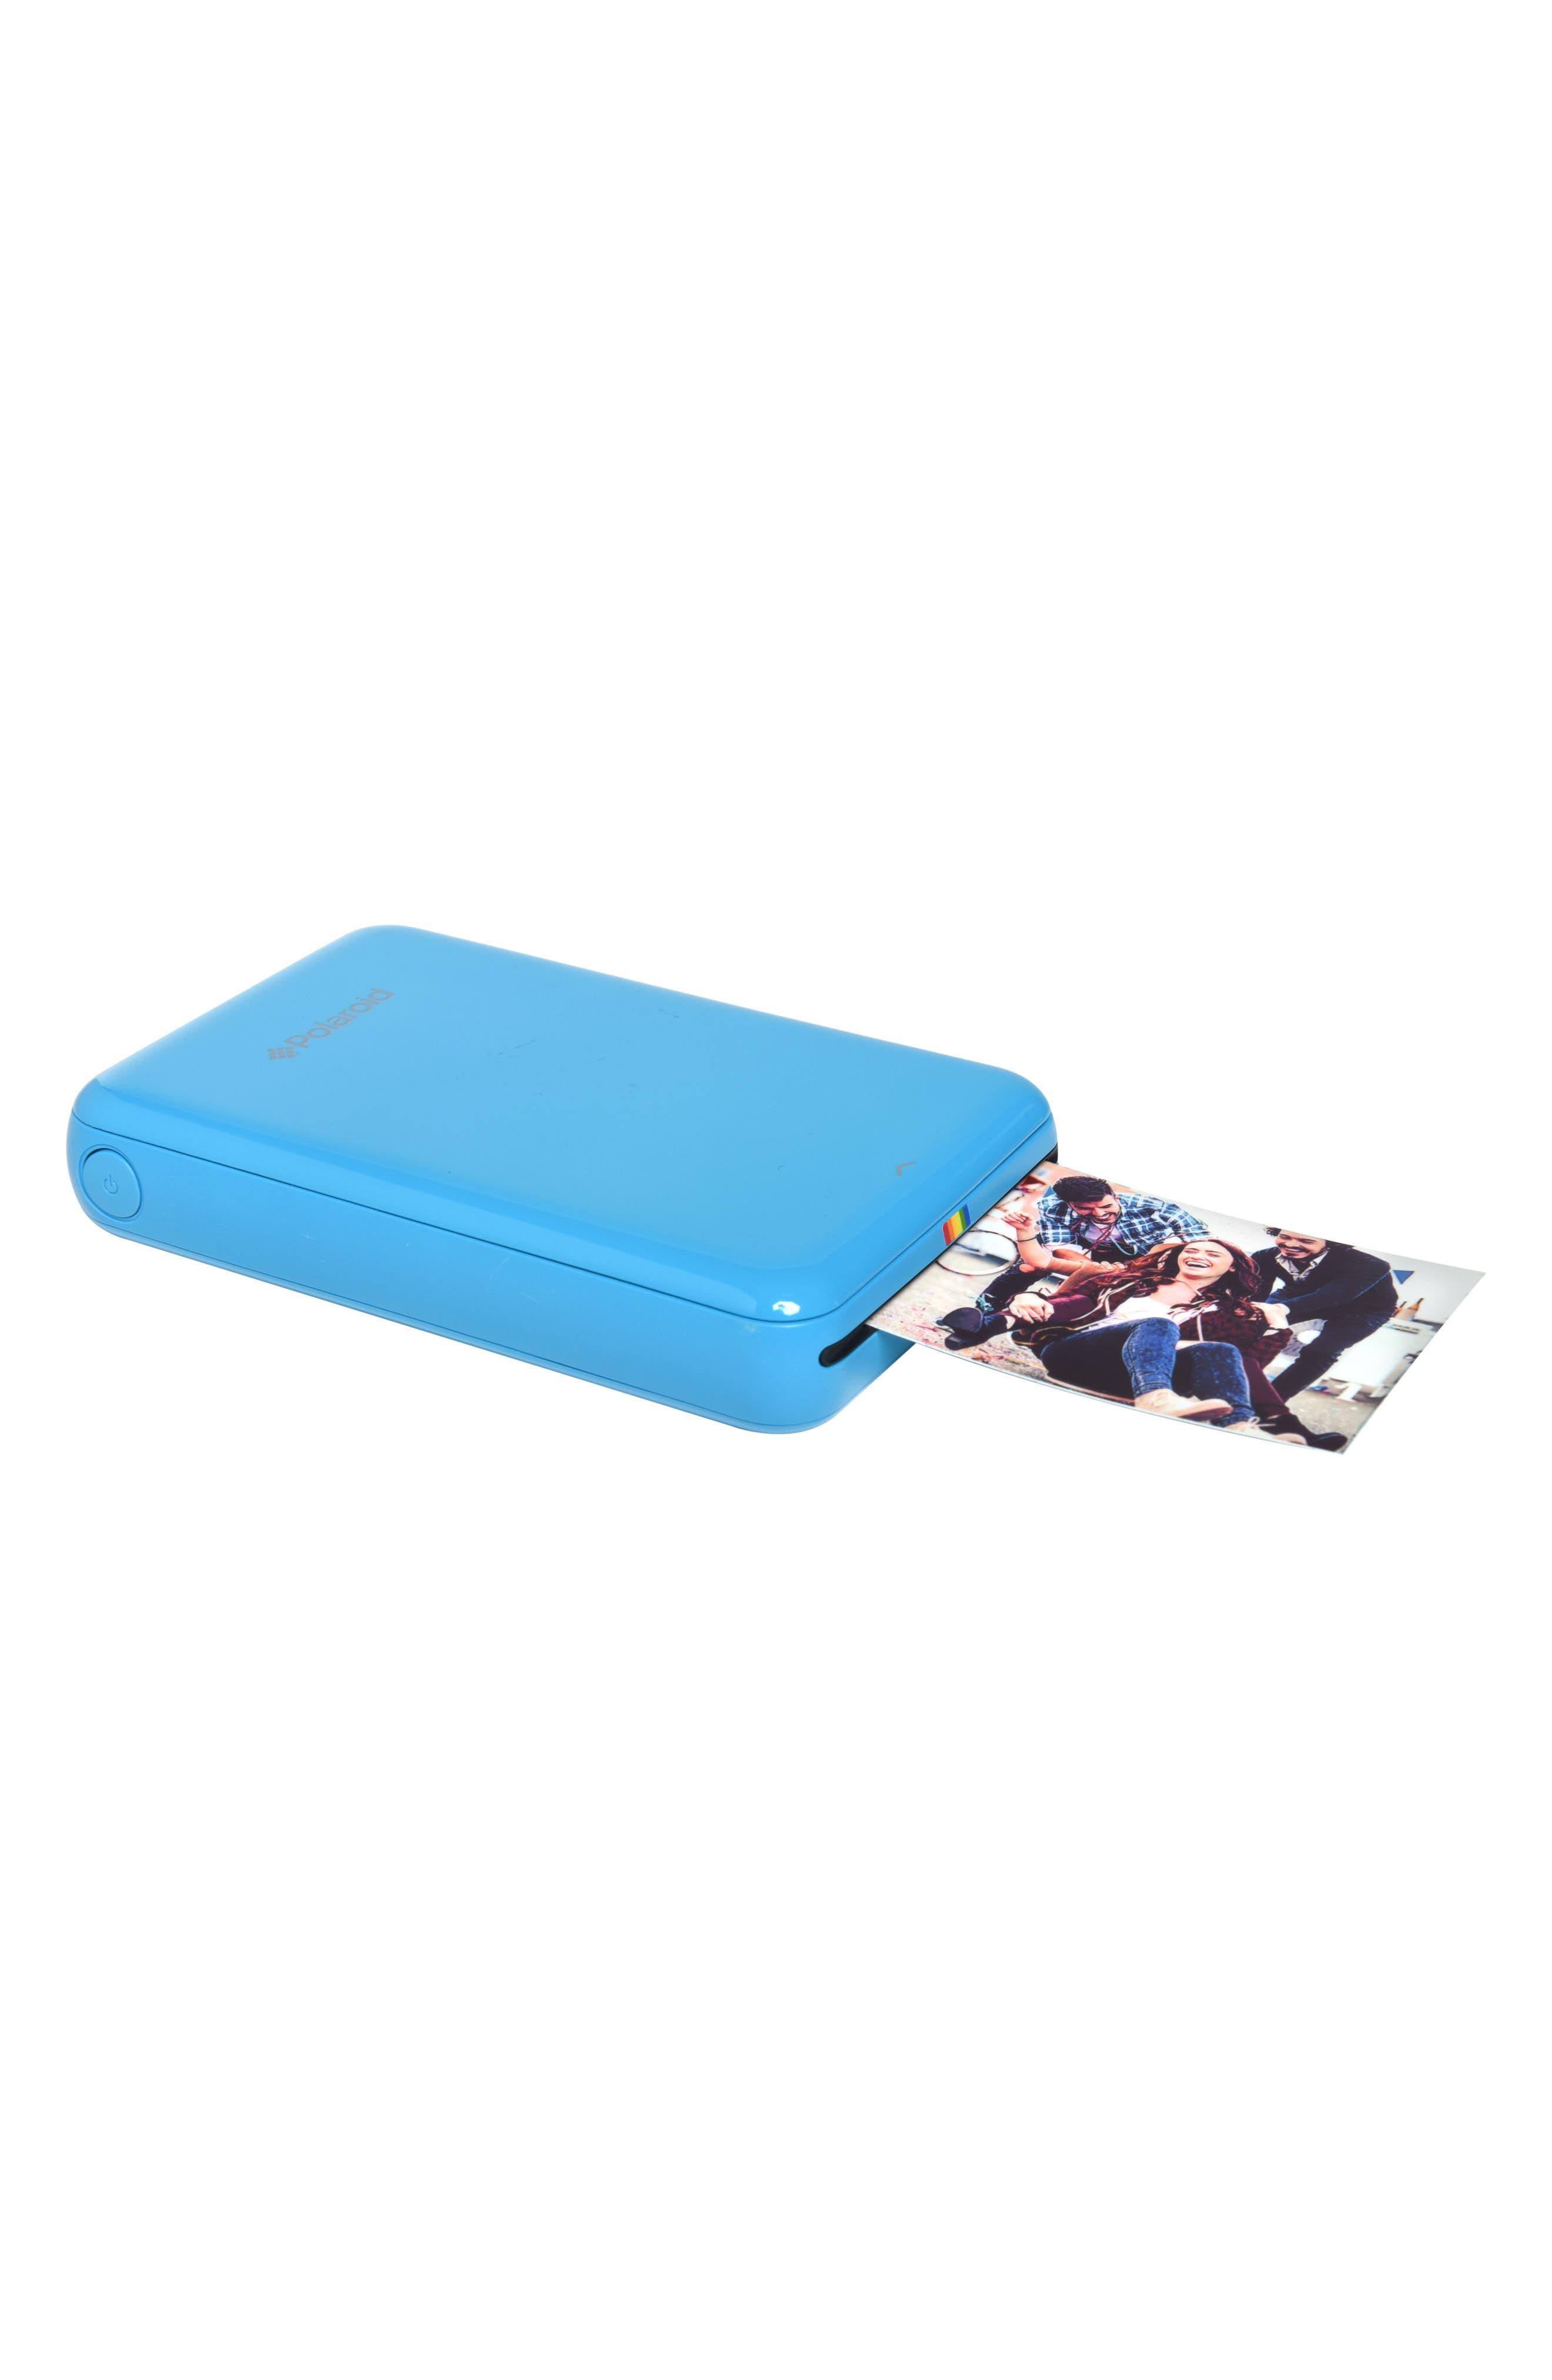 Polaroid Zip Instant Mobile Photo Printer